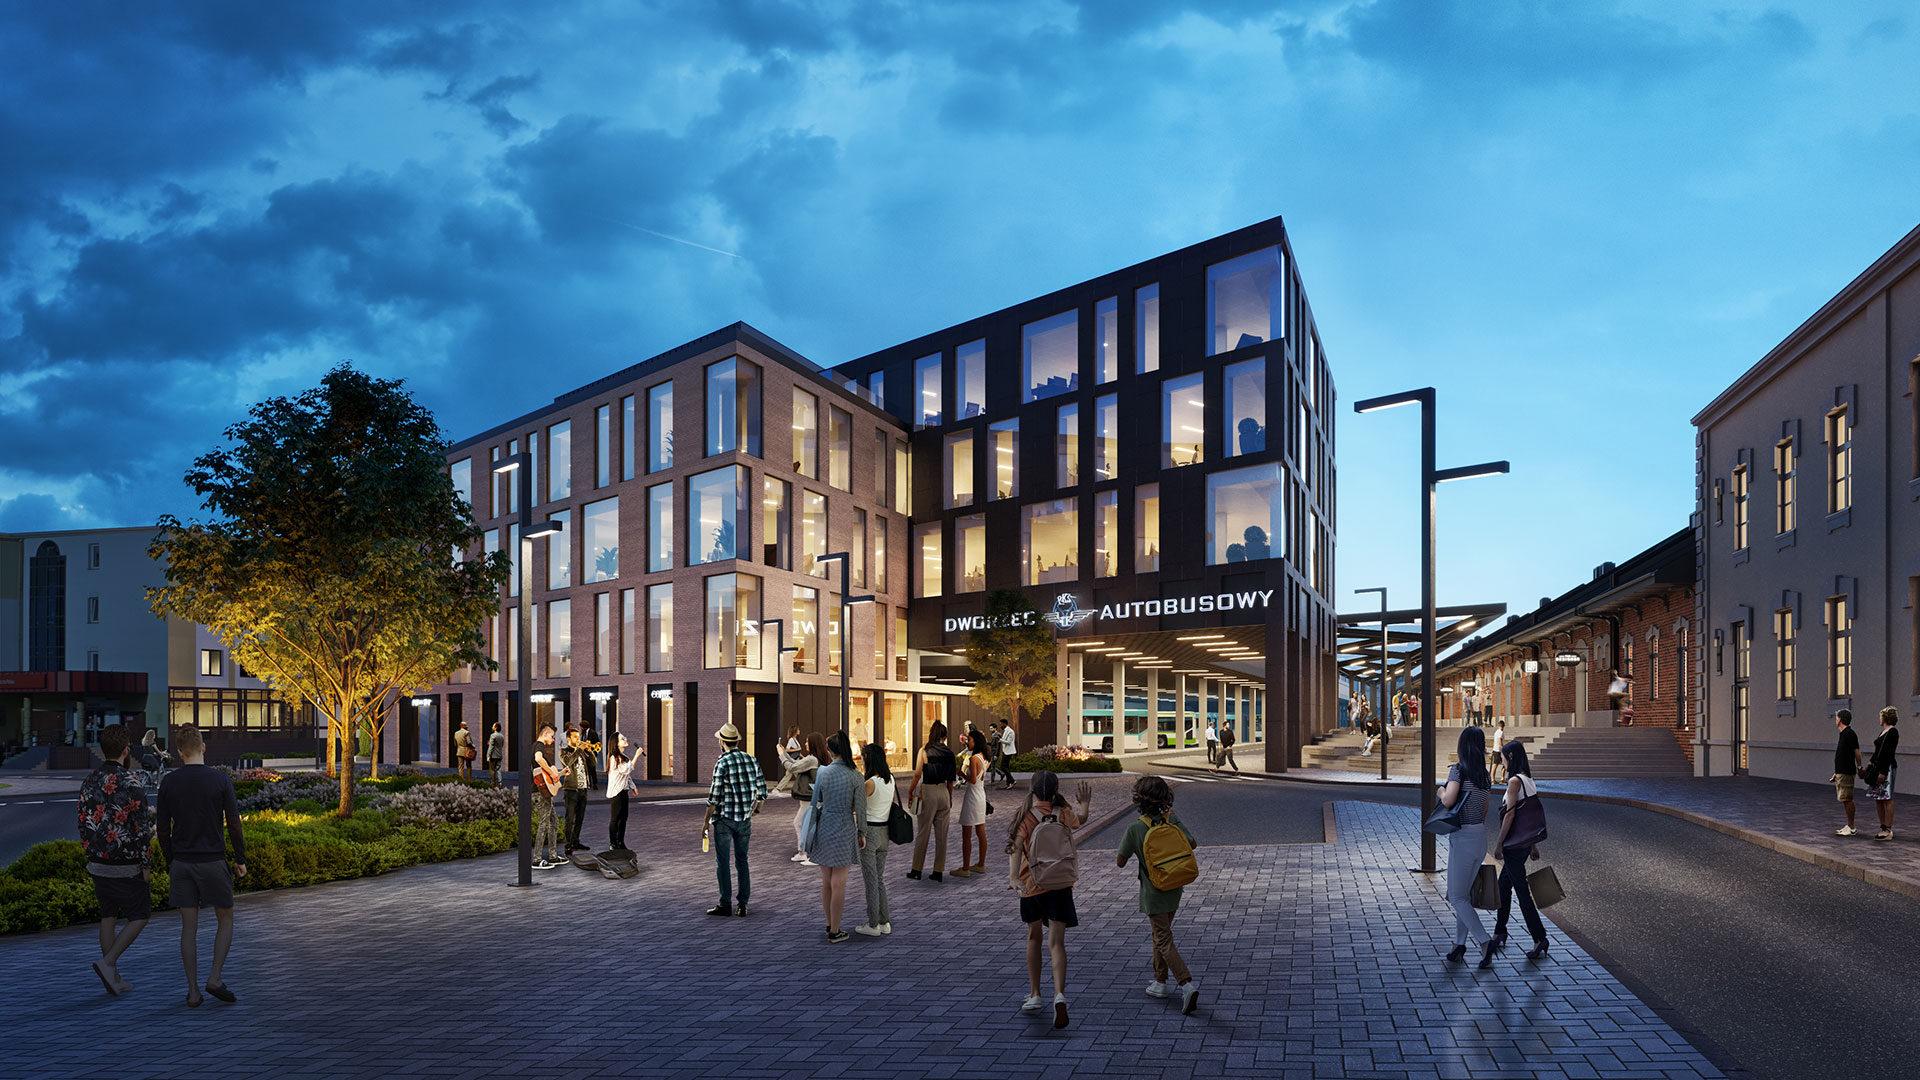 Projekt nowego dworca PKS w Rzeszowie. Koncepcja zakłada także hotel, punkty handlowe i usługowe [WIZUALIZACJA] - Zdjęcie główne